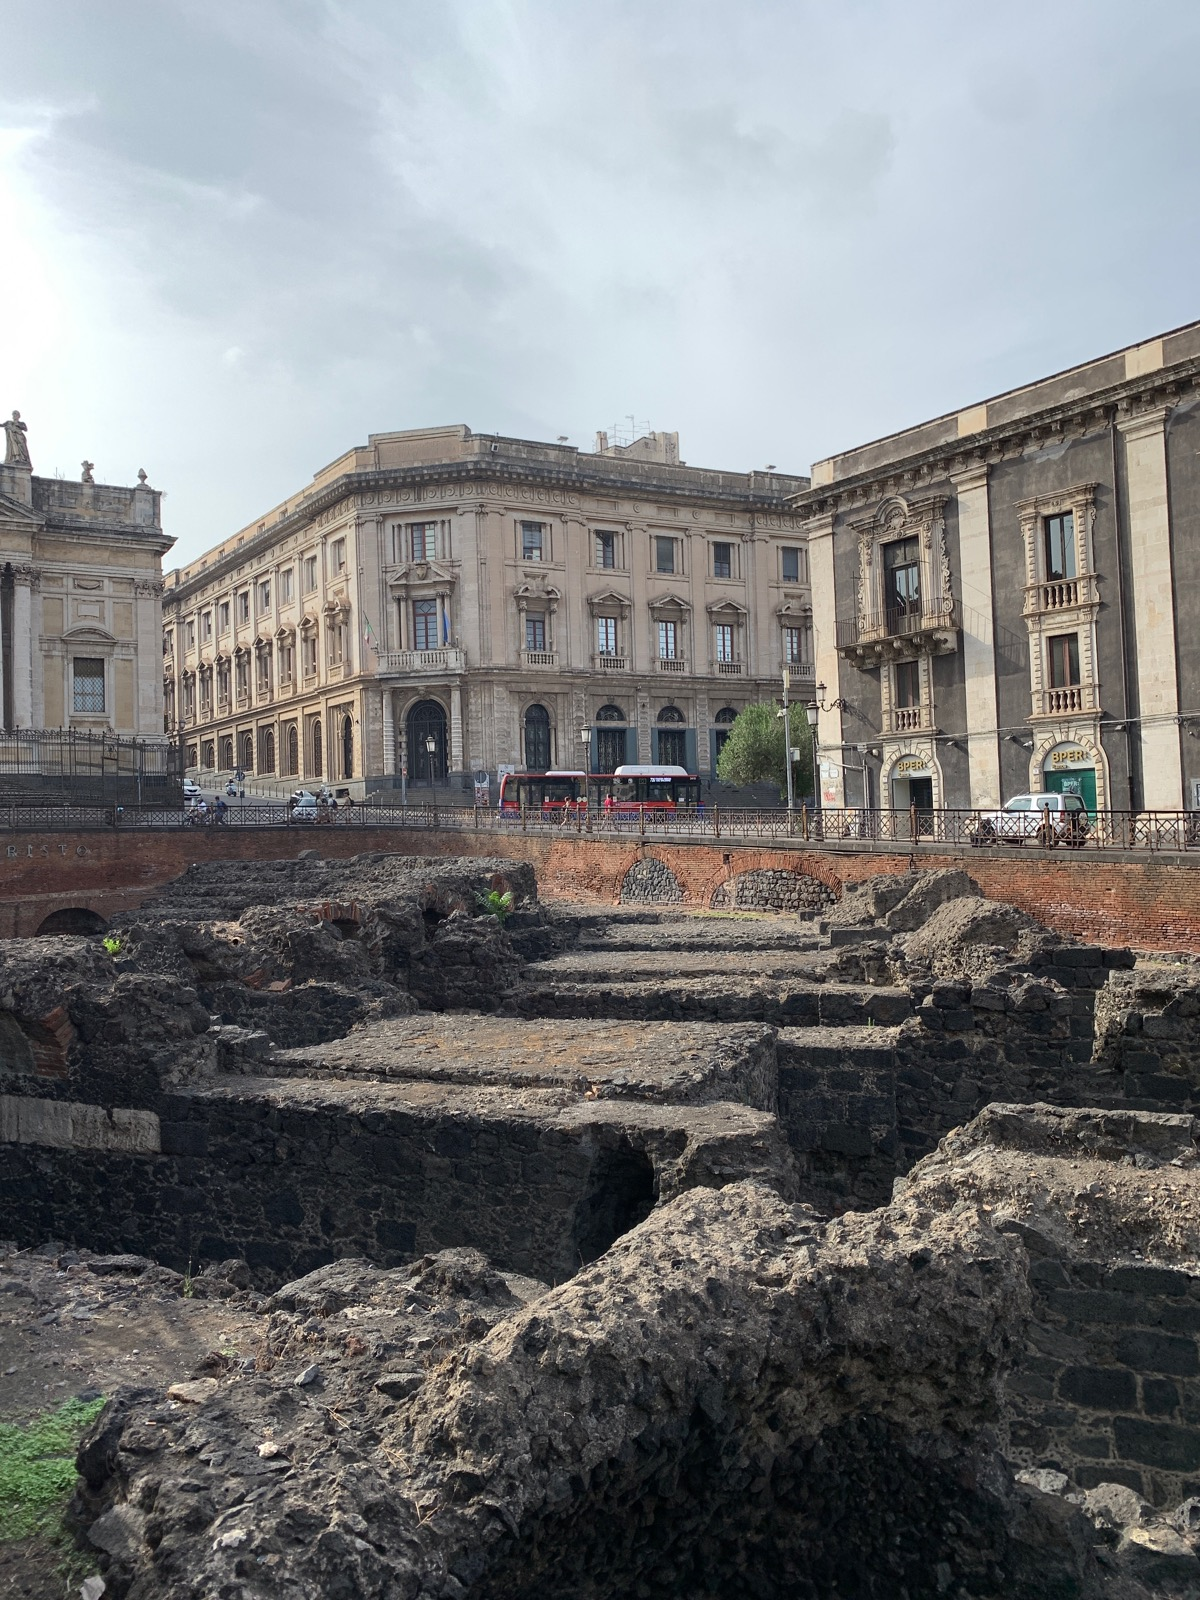 rzymski amfiteatr w katanii